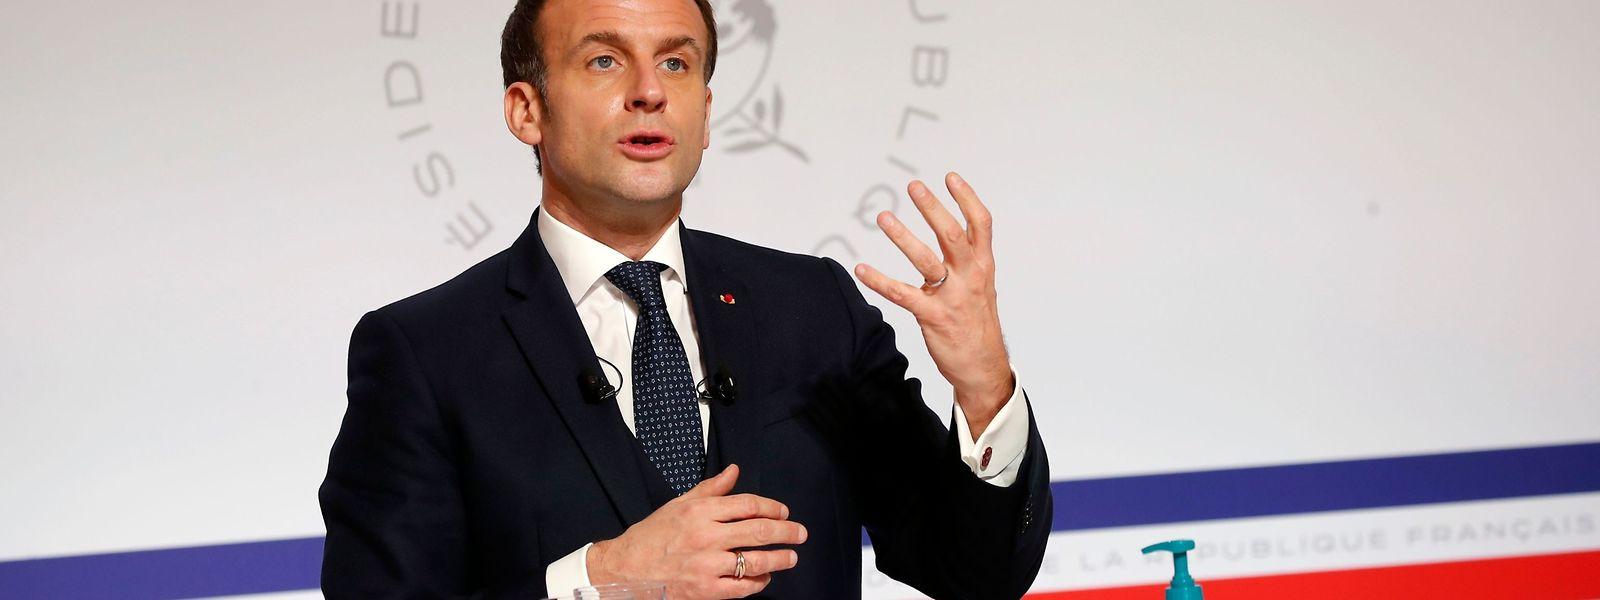 Le président Macron entend encore laisser un peu de souplesse au pays.